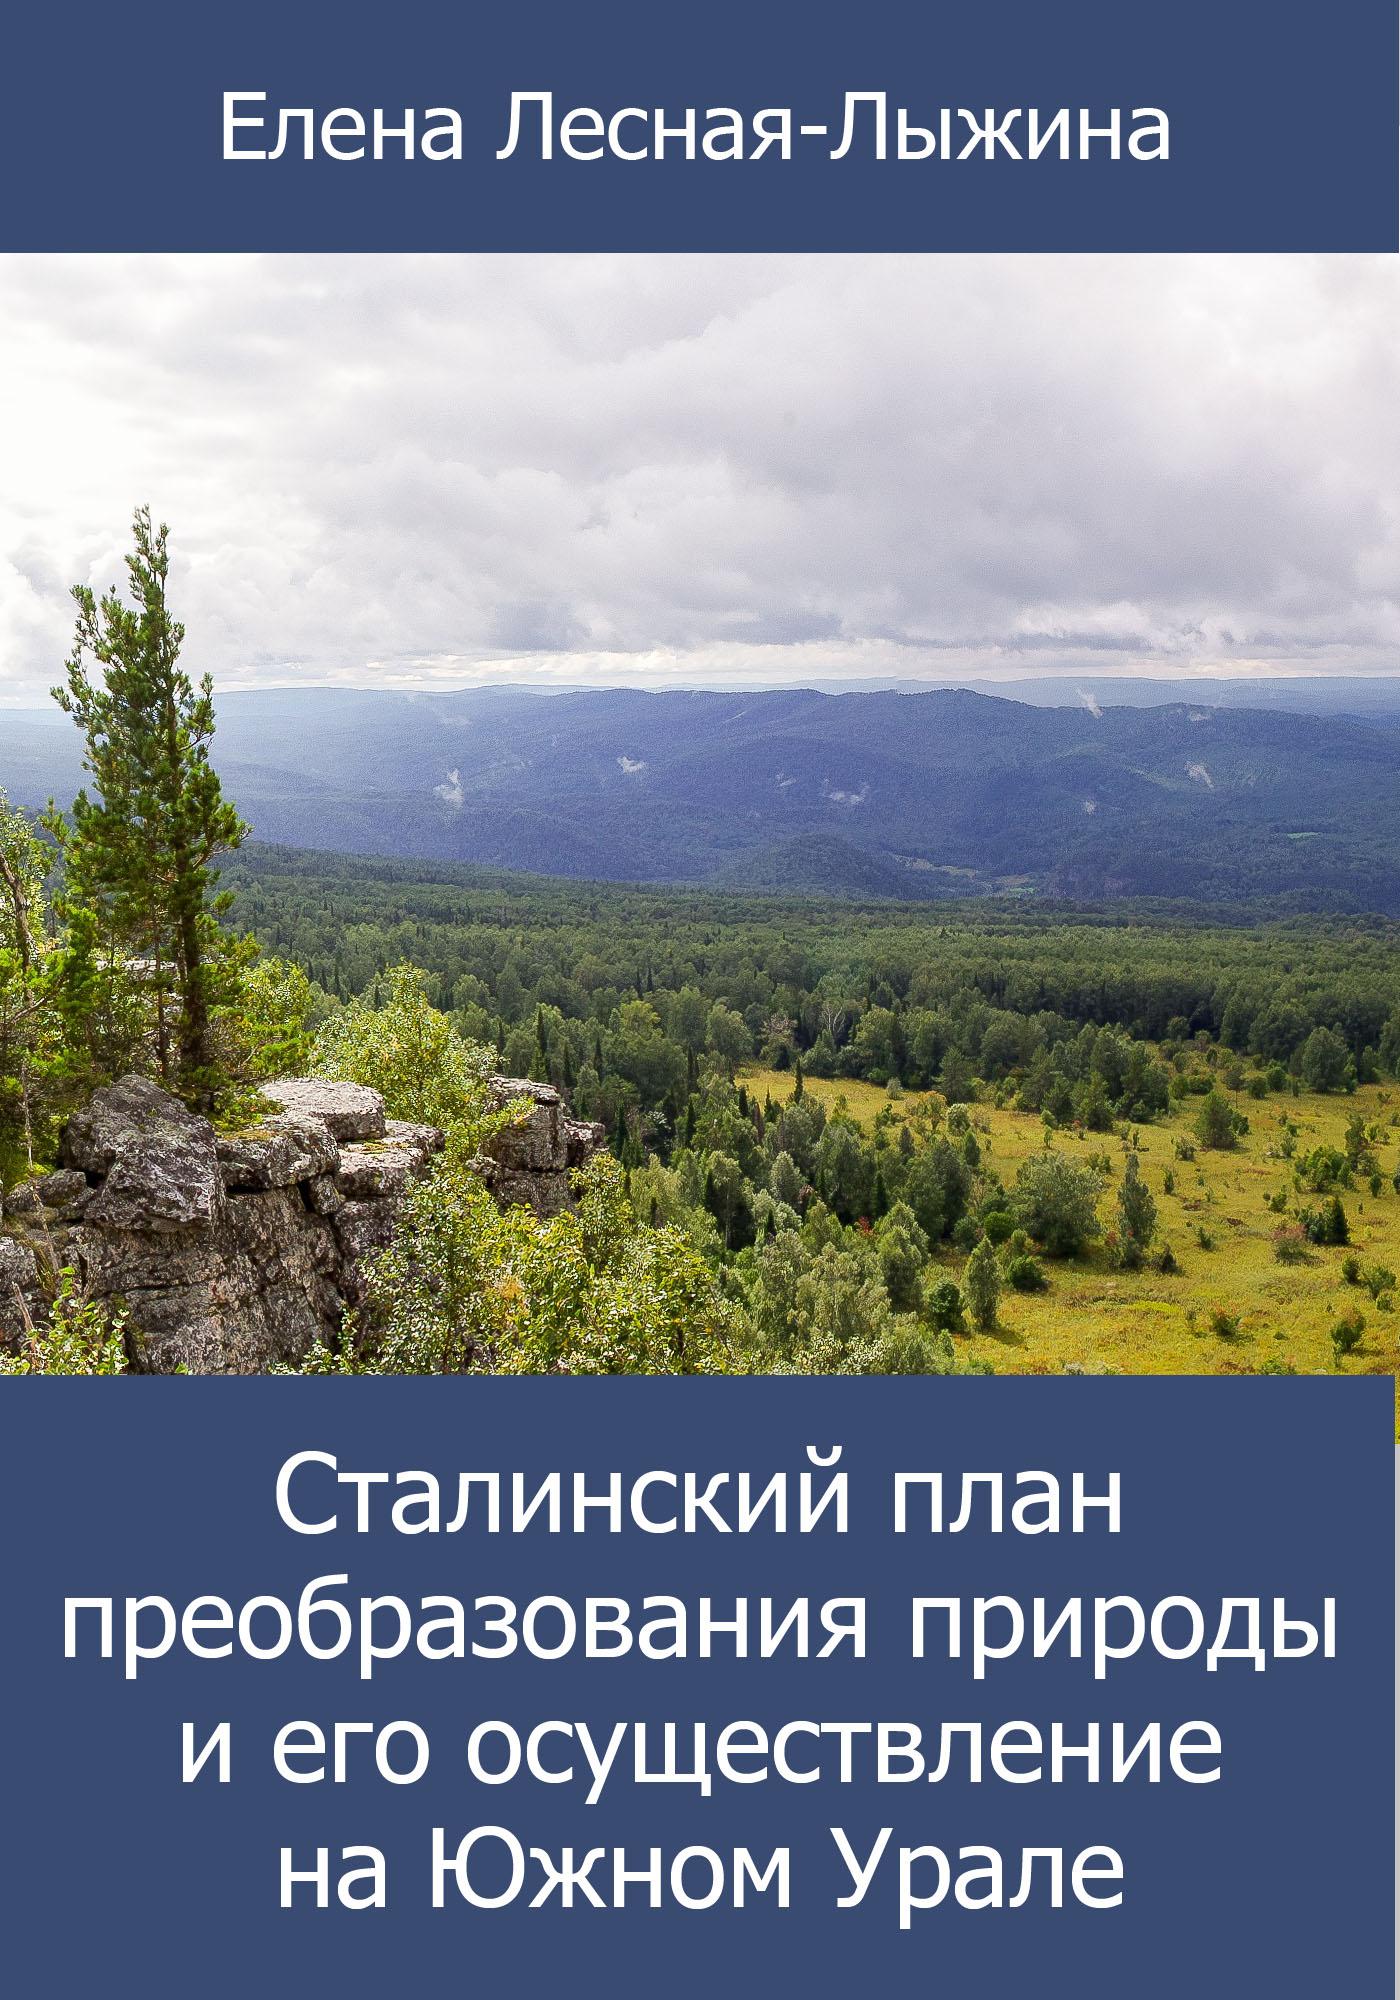 Елена Лесная-Лыжина Сталинский план преобразования природы и его осуществление на Южном Урале тарифный план